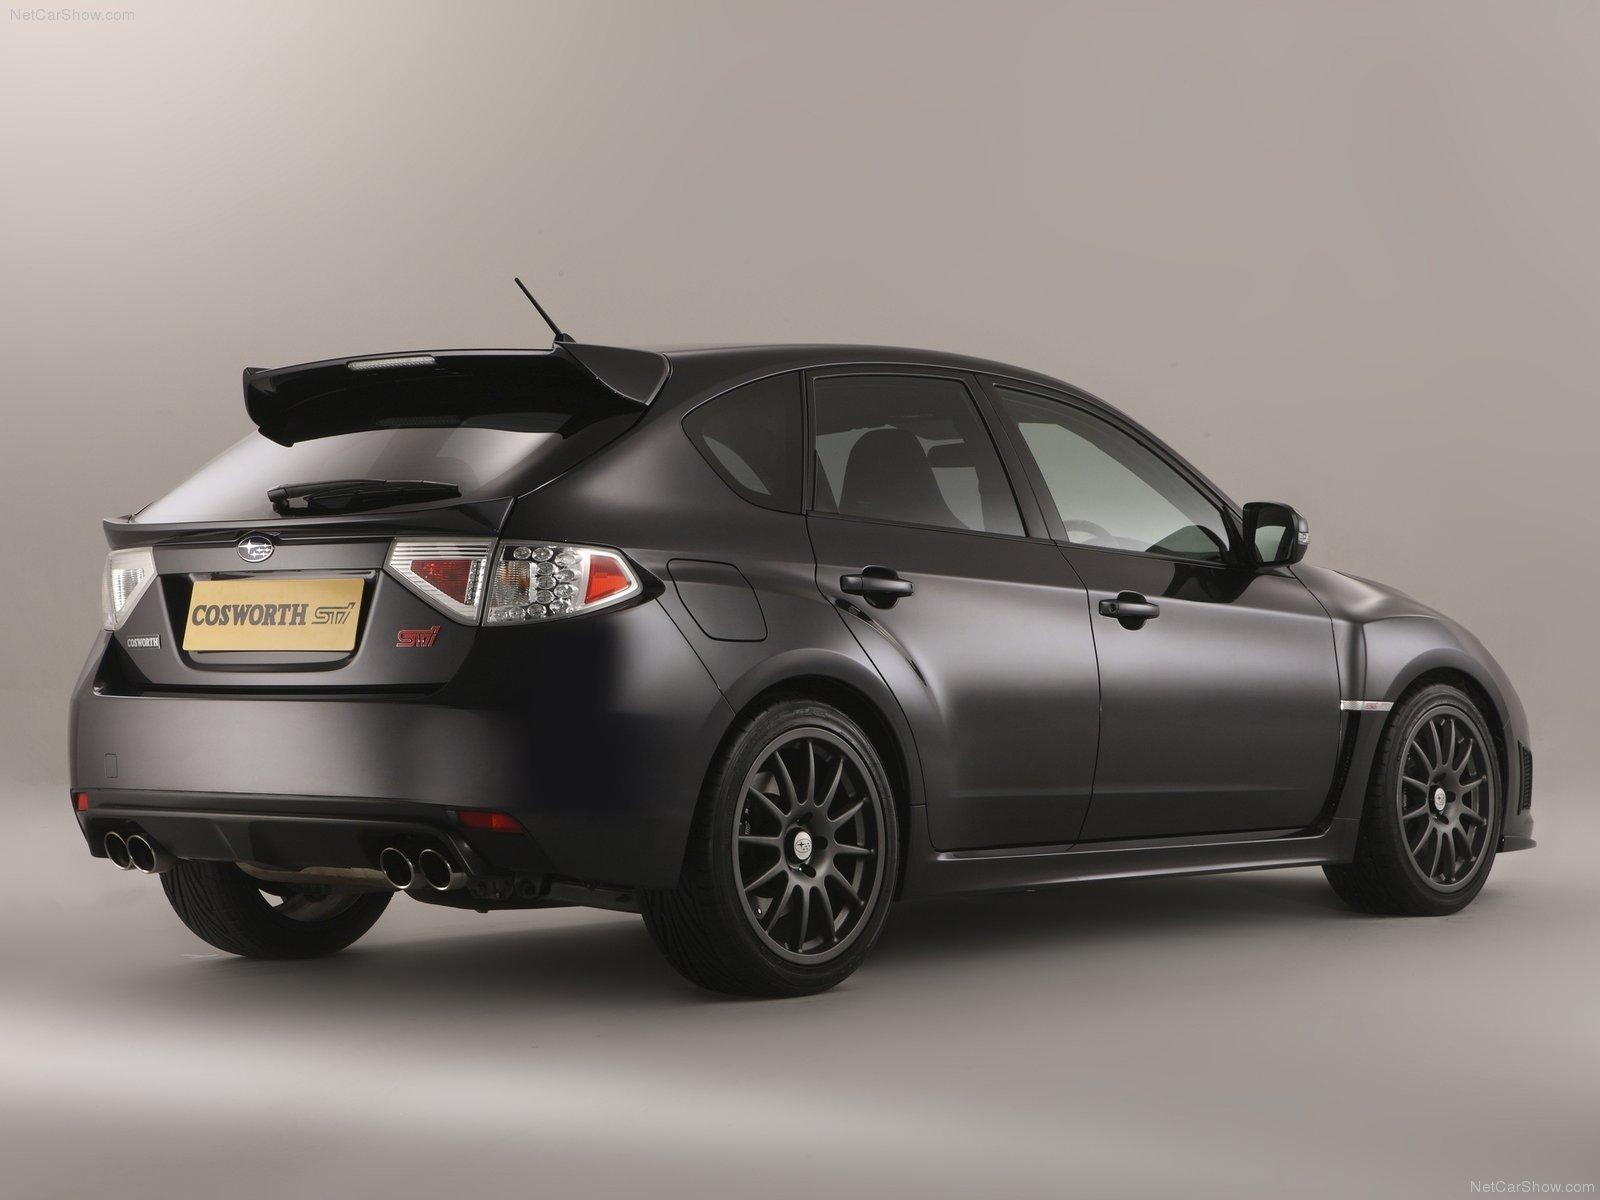 http://2.bp.blogspot.com/_d_u-dfTHDhk/TGq5FmEvHRI/AAAAAAAADiA/m6h49lNxx4c/s1600/Subaru-Impreza_STI_Cosworth_CS400_2011_1600x1200_wallpaper_02.jpg